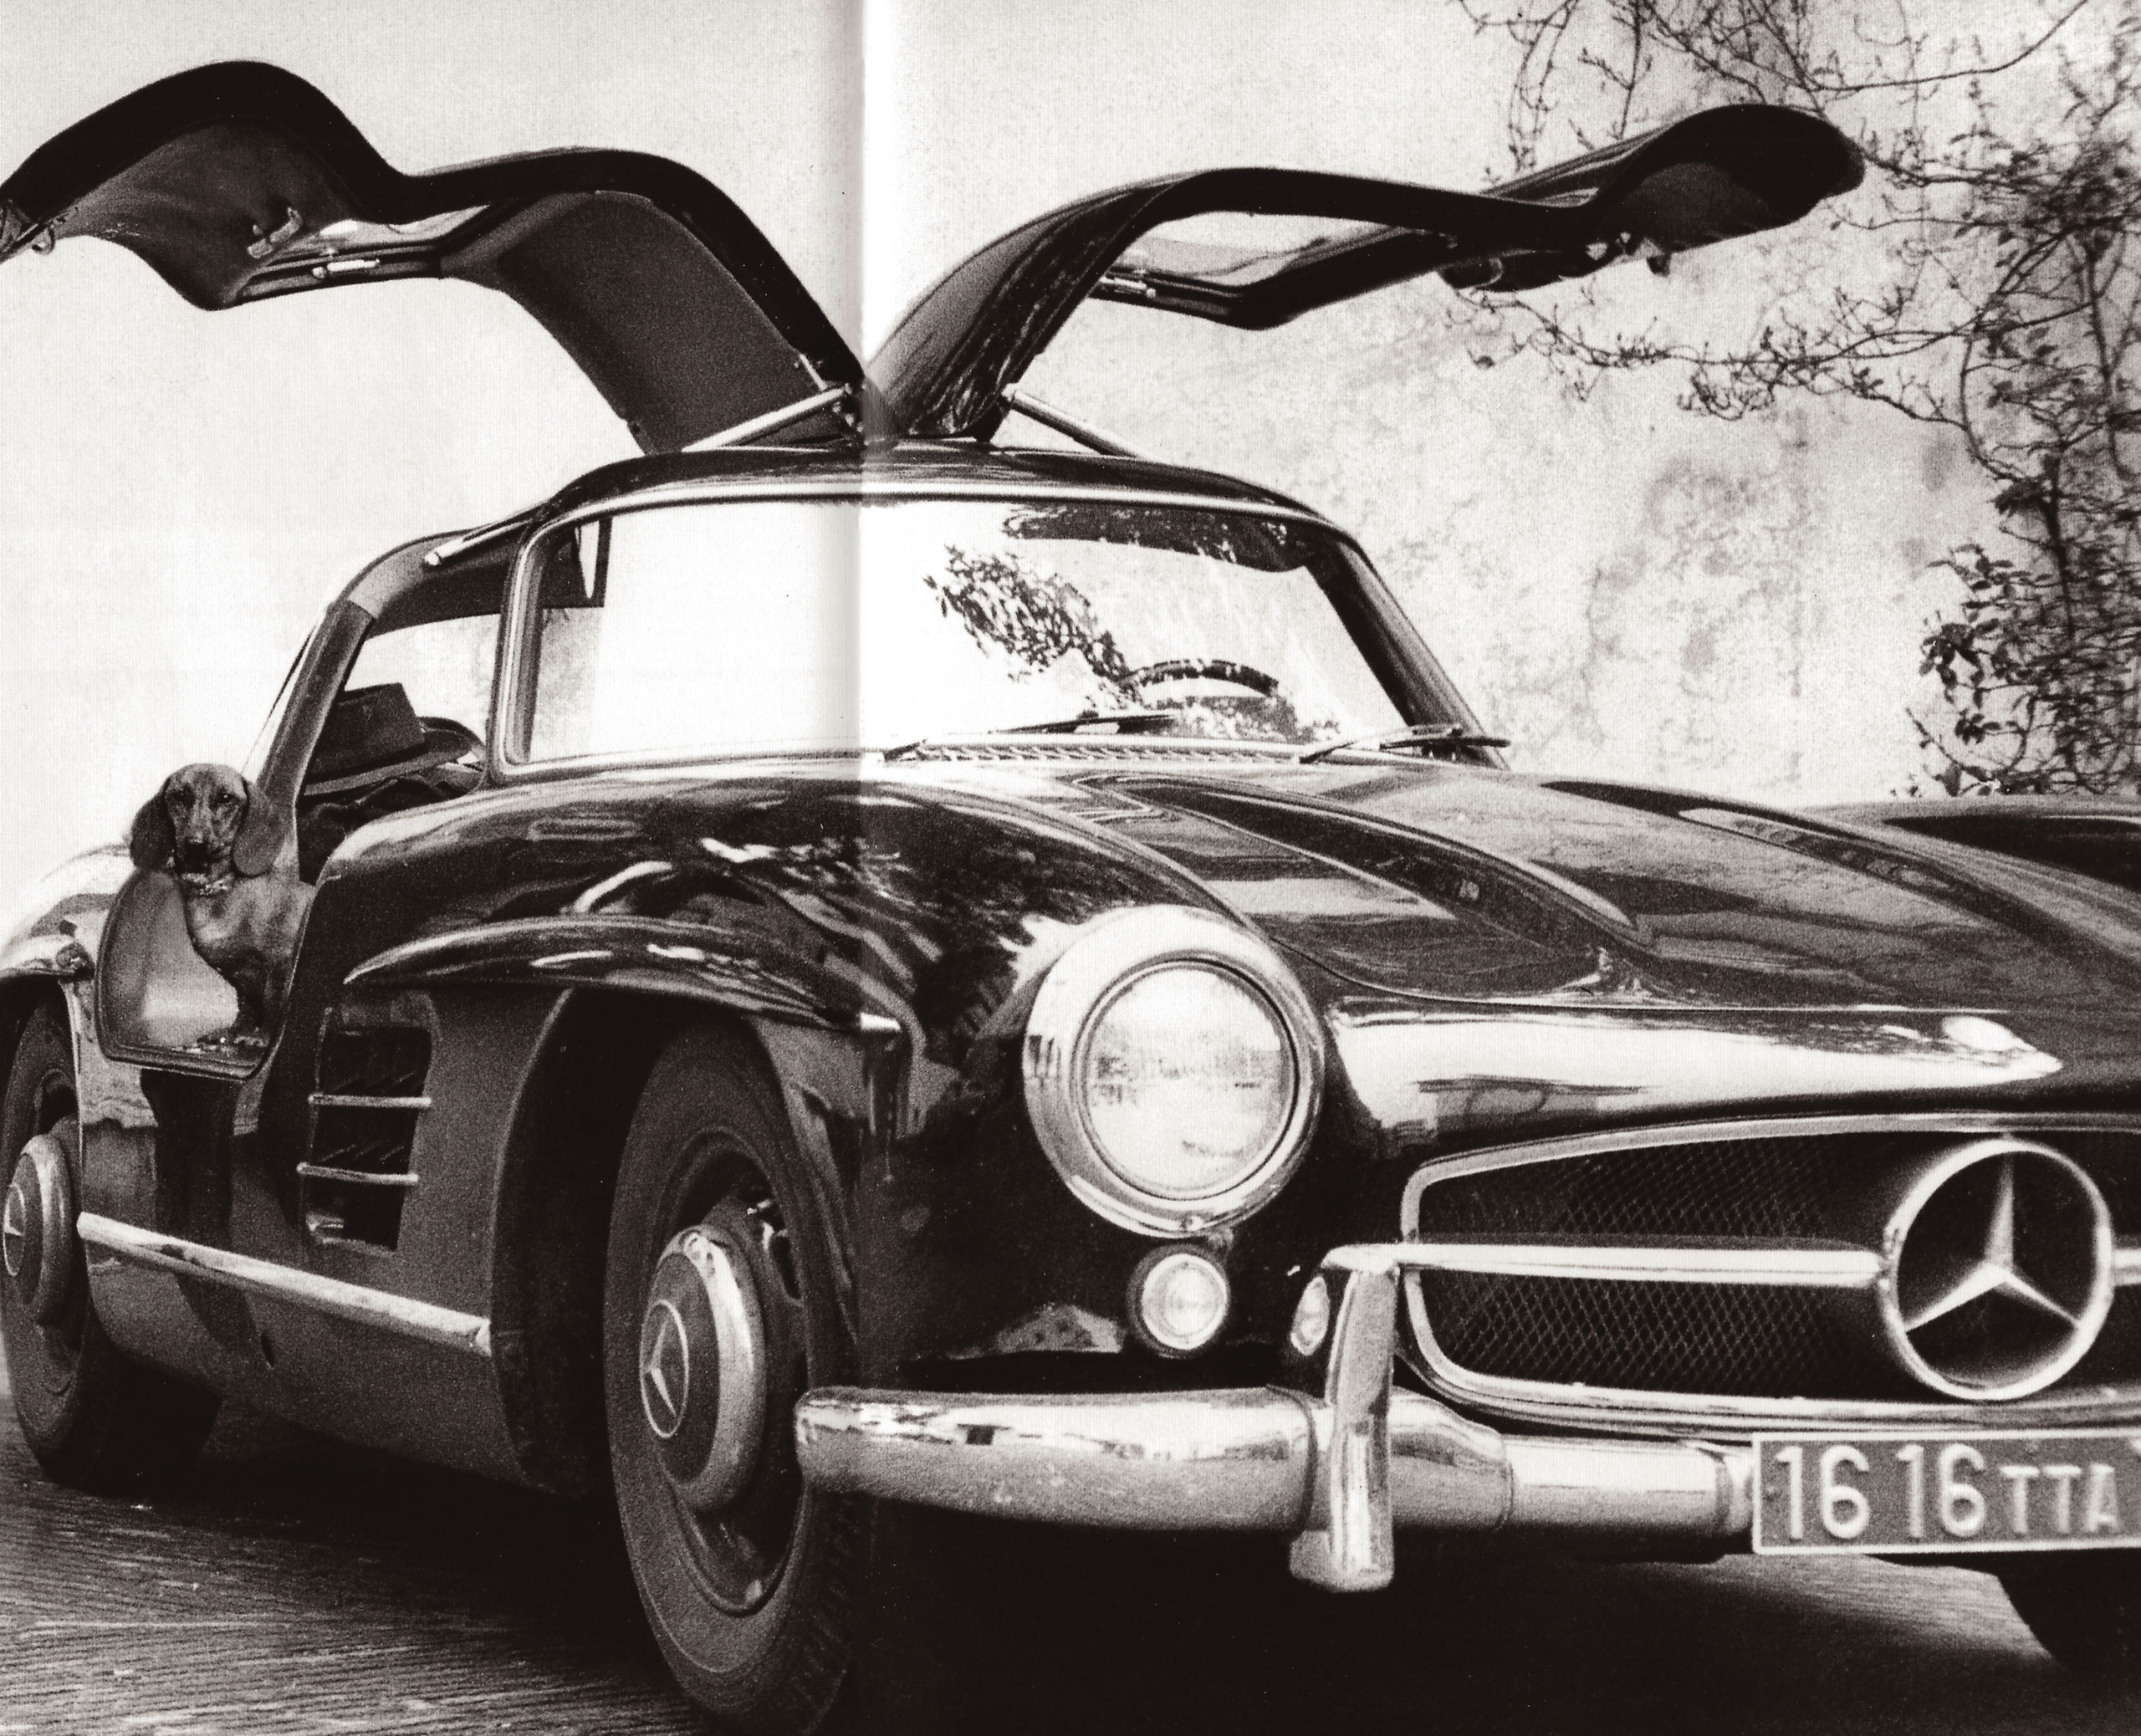 Copilot to visit neighbor Picasso; Villa La Californie, Cannes France, 1956.